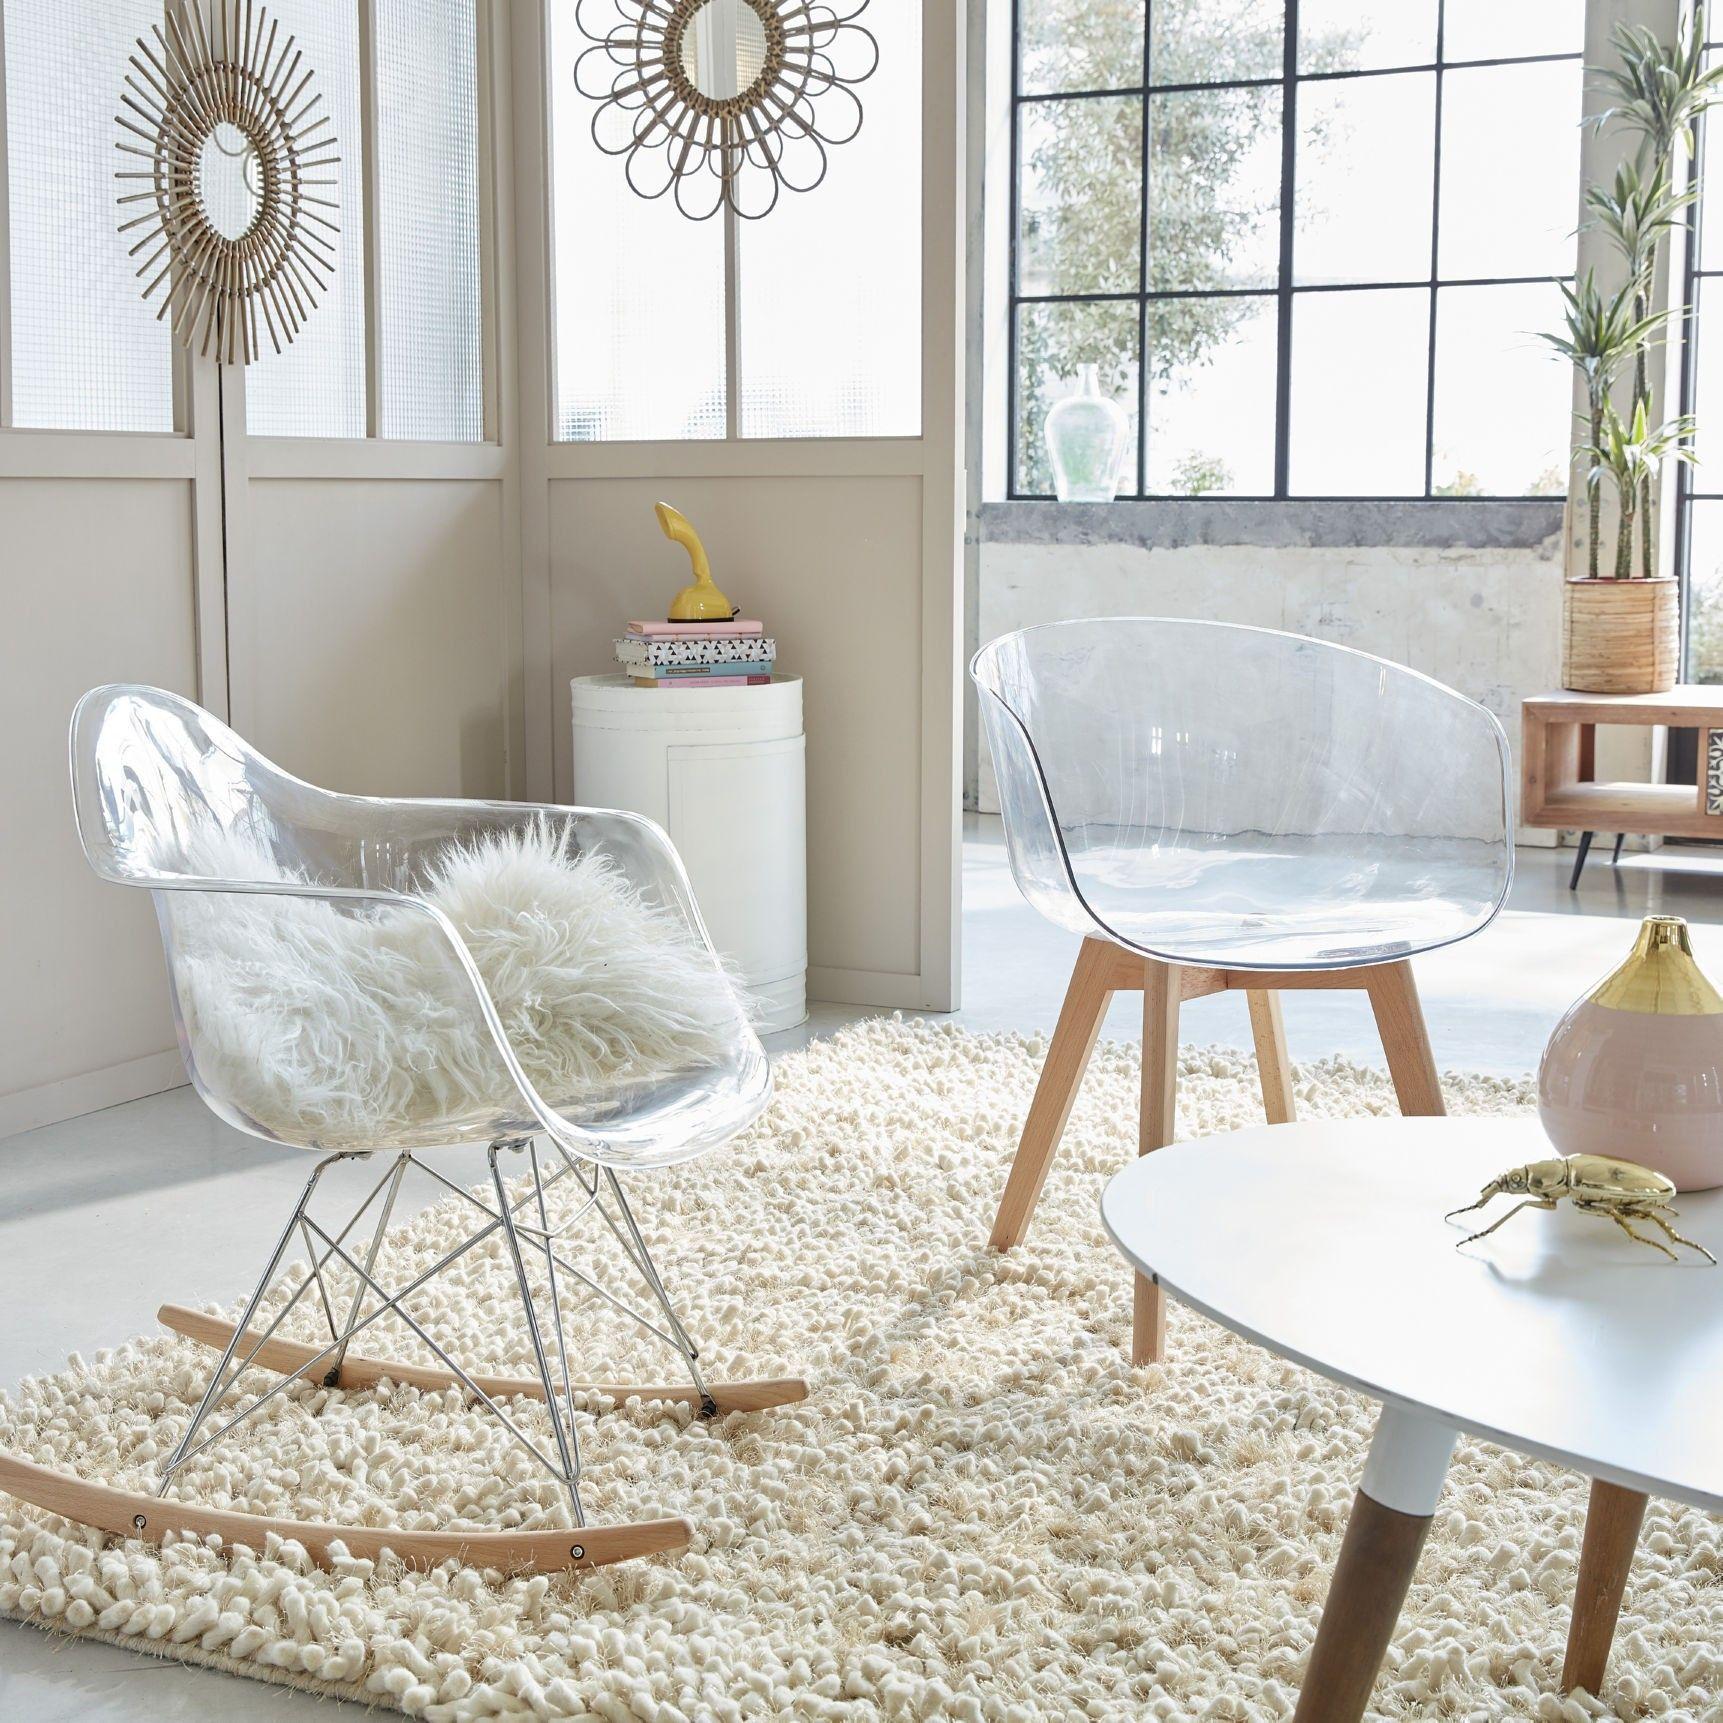 ScandinaveHome Chair Plexi Style Design De Rocking Mobilier En 3Ljq4R5A